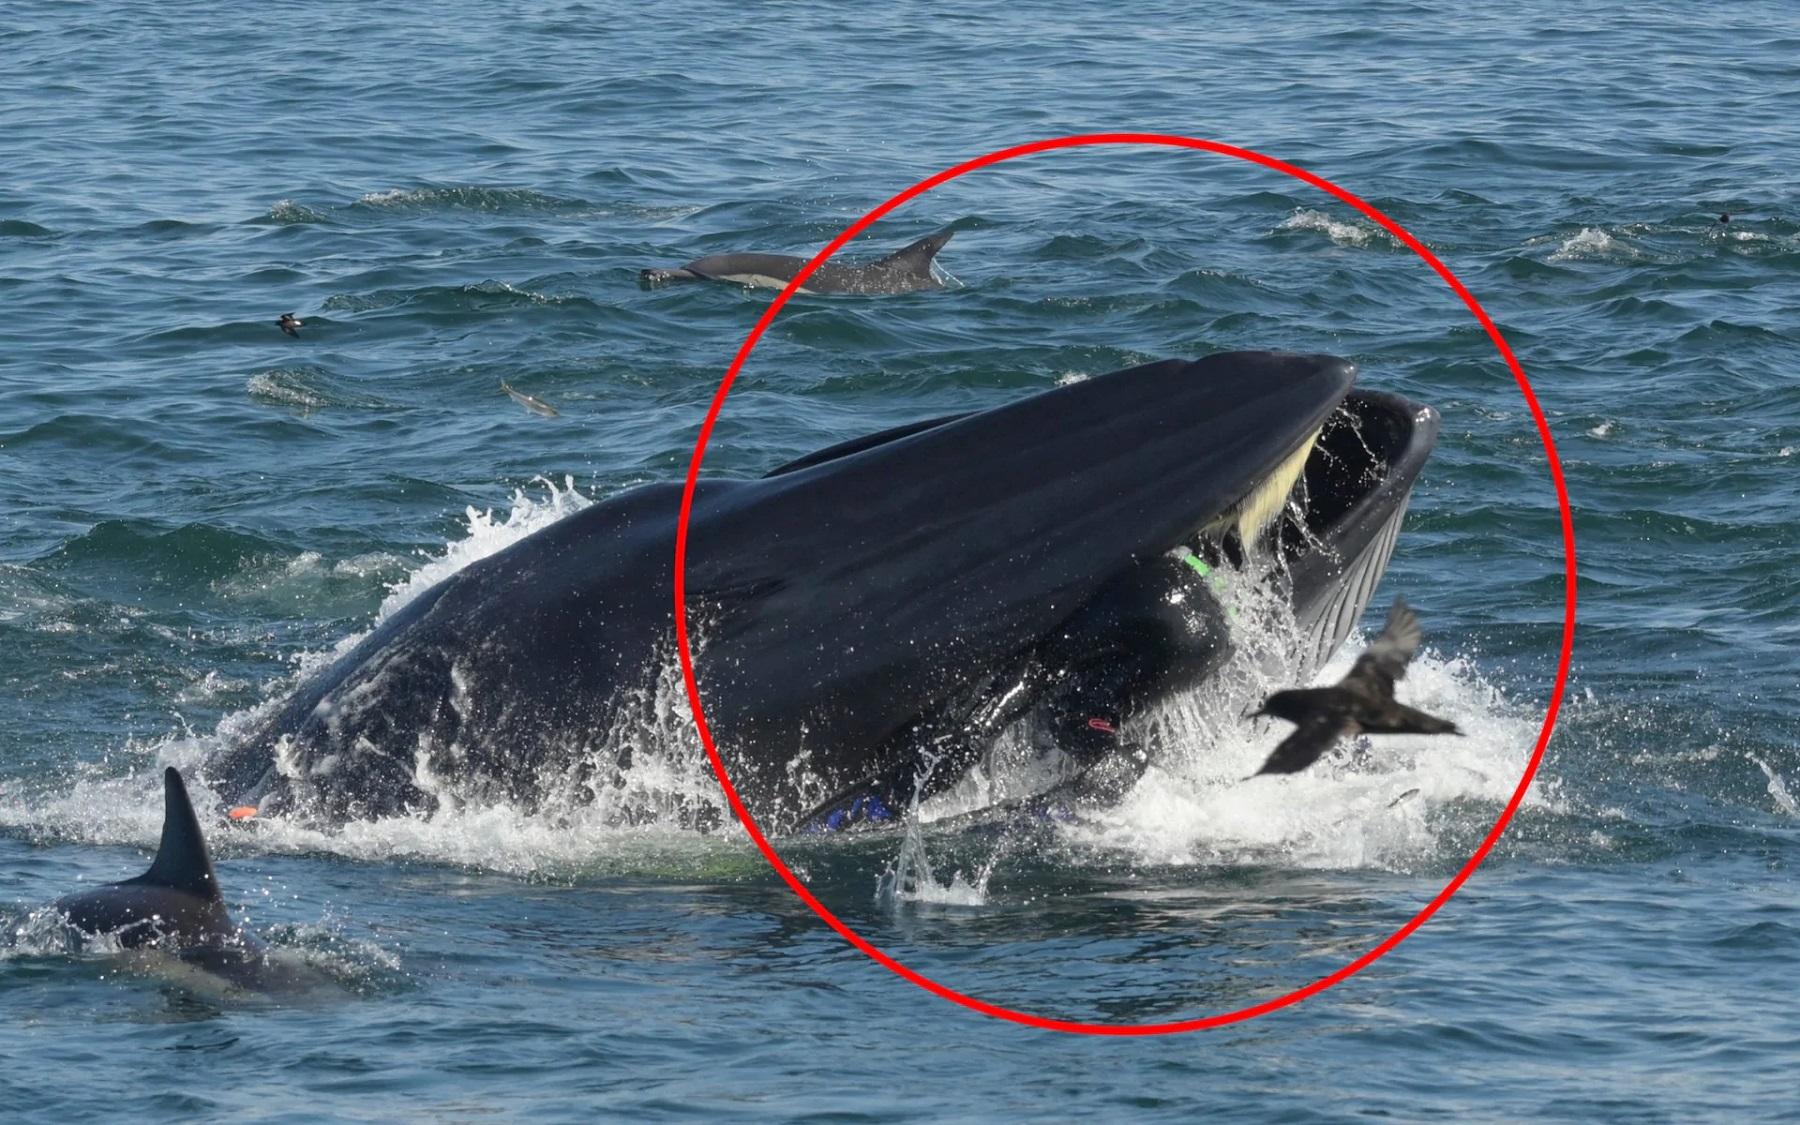 Как кит дайвера проглотил Интересно